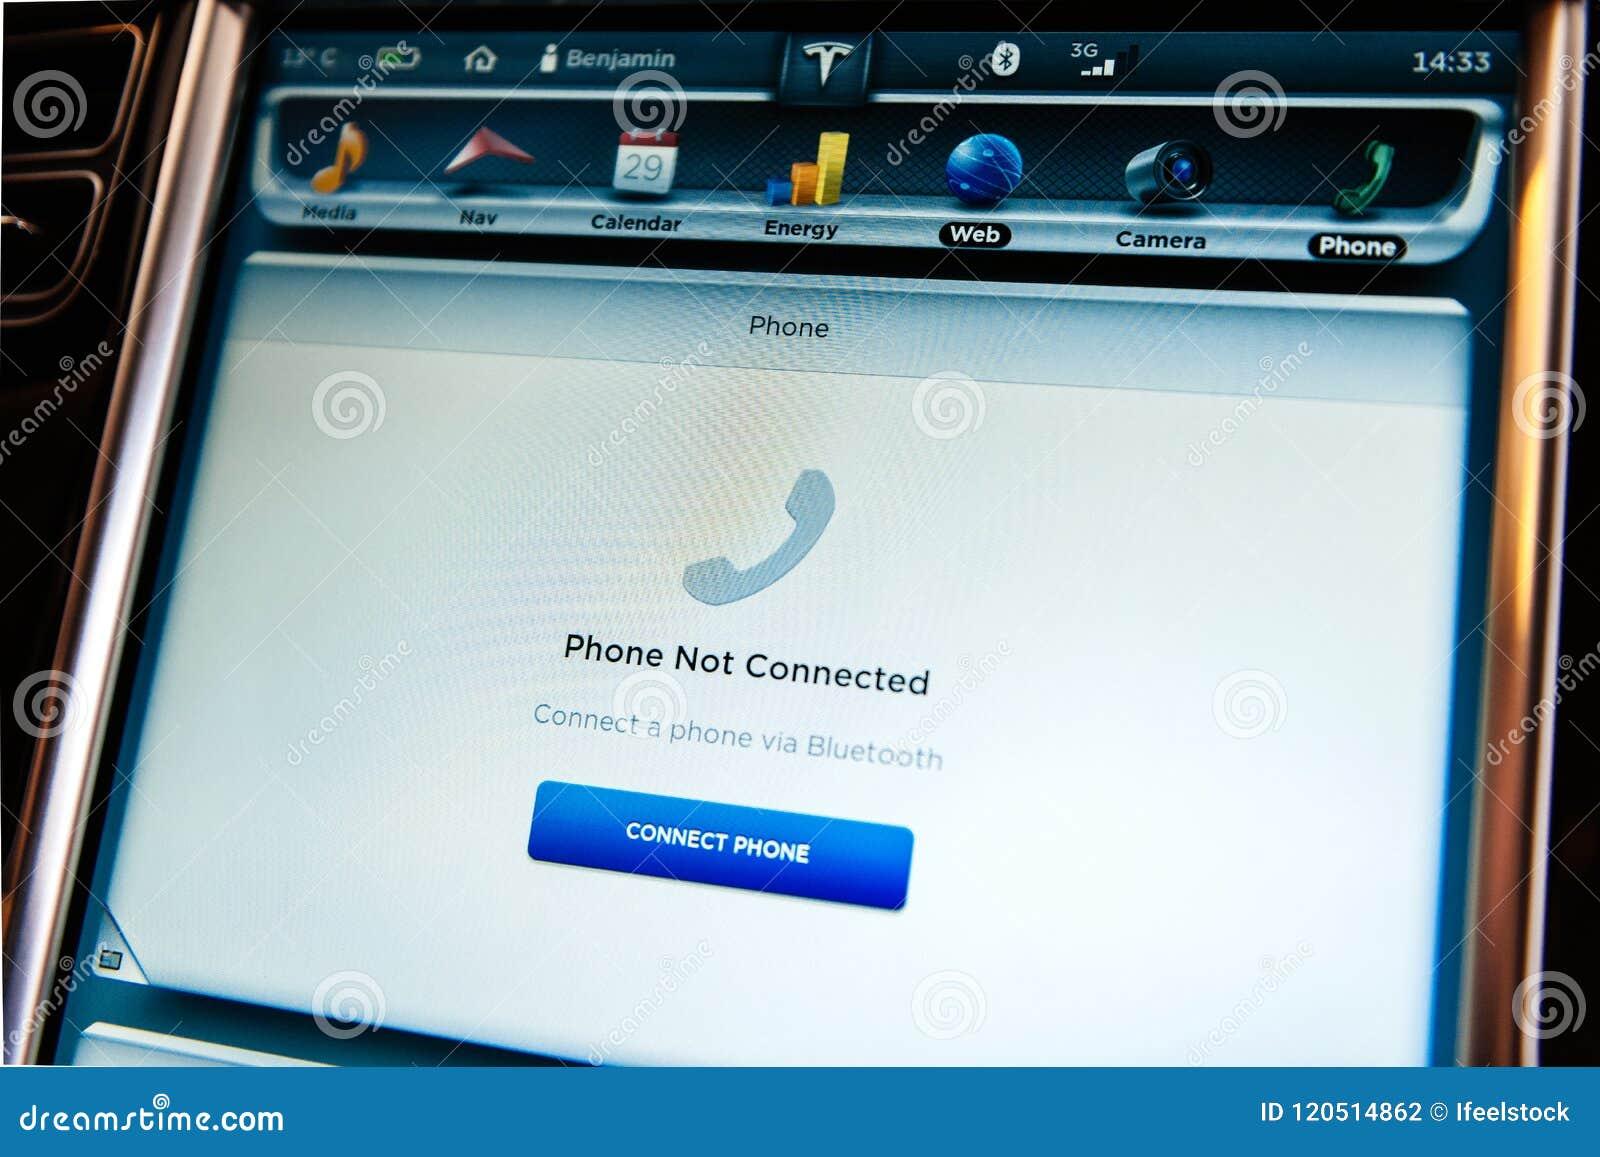 Verizon collegare telefono Geek velocità dating comico